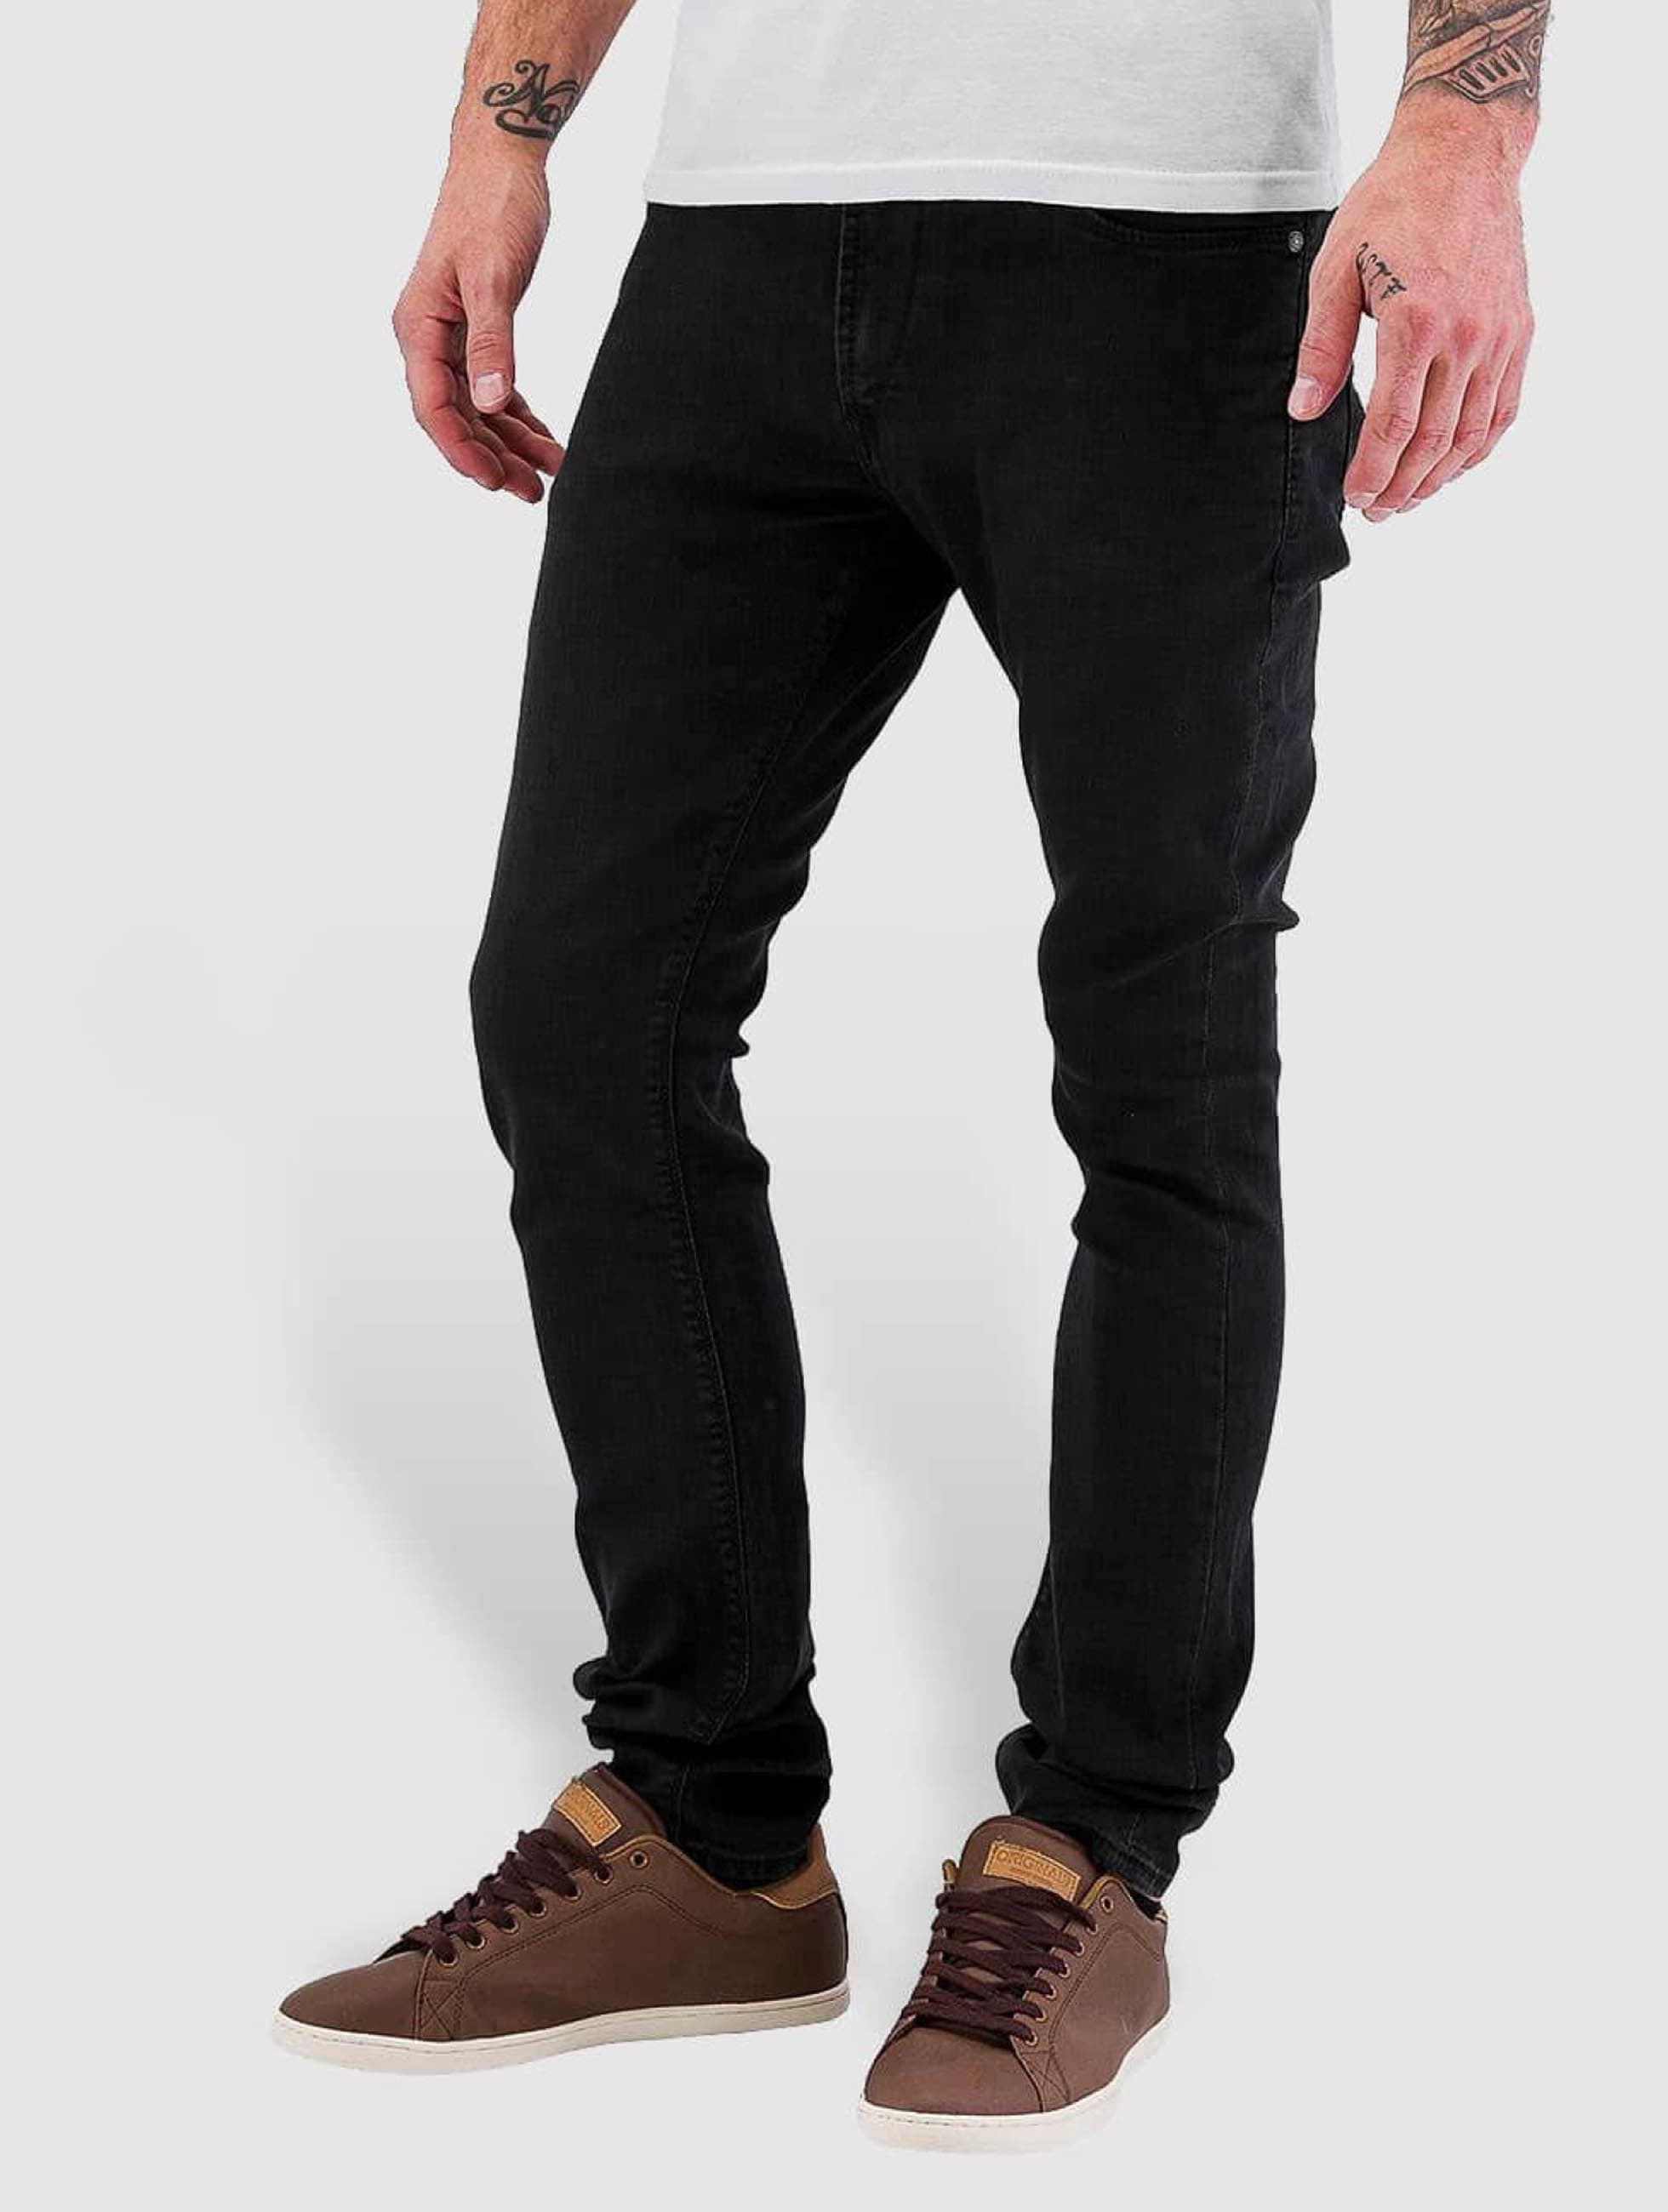 reell jeans herren skinny jeans radar stretch super in. Black Bedroom Furniture Sets. Home Design Ideas